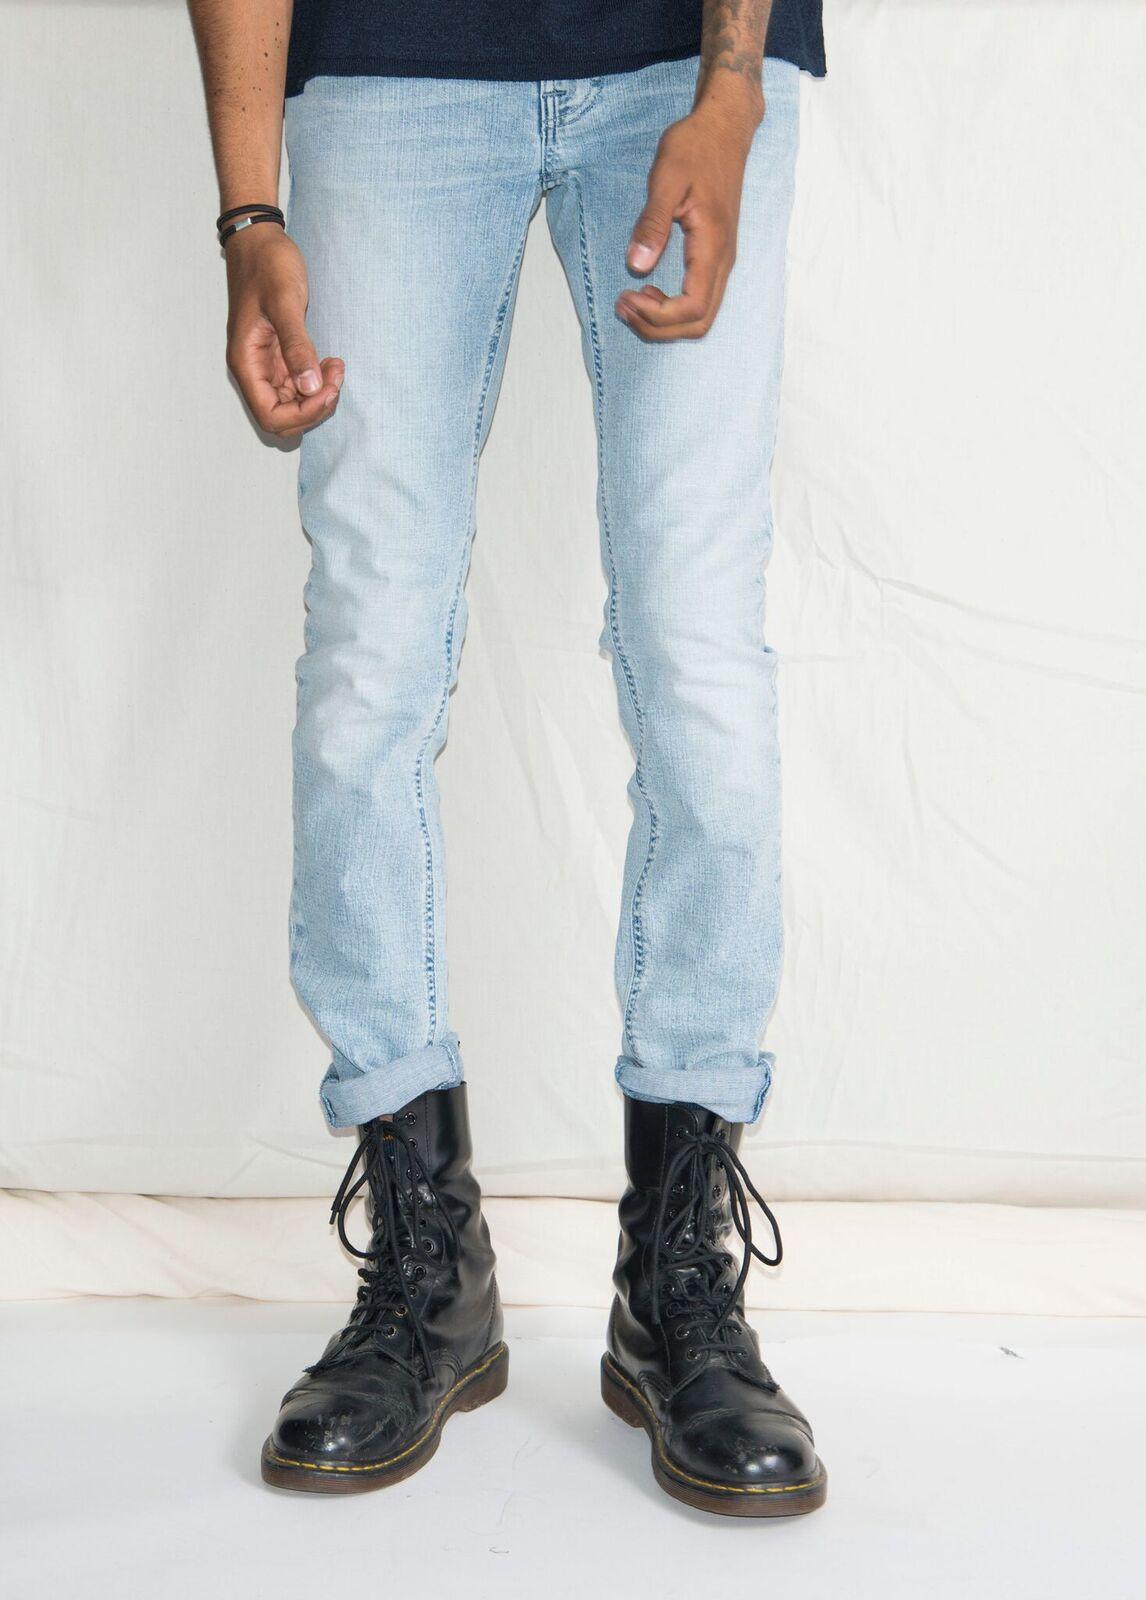 Nudie Jeans, Sweden   www.nudiejeans.com